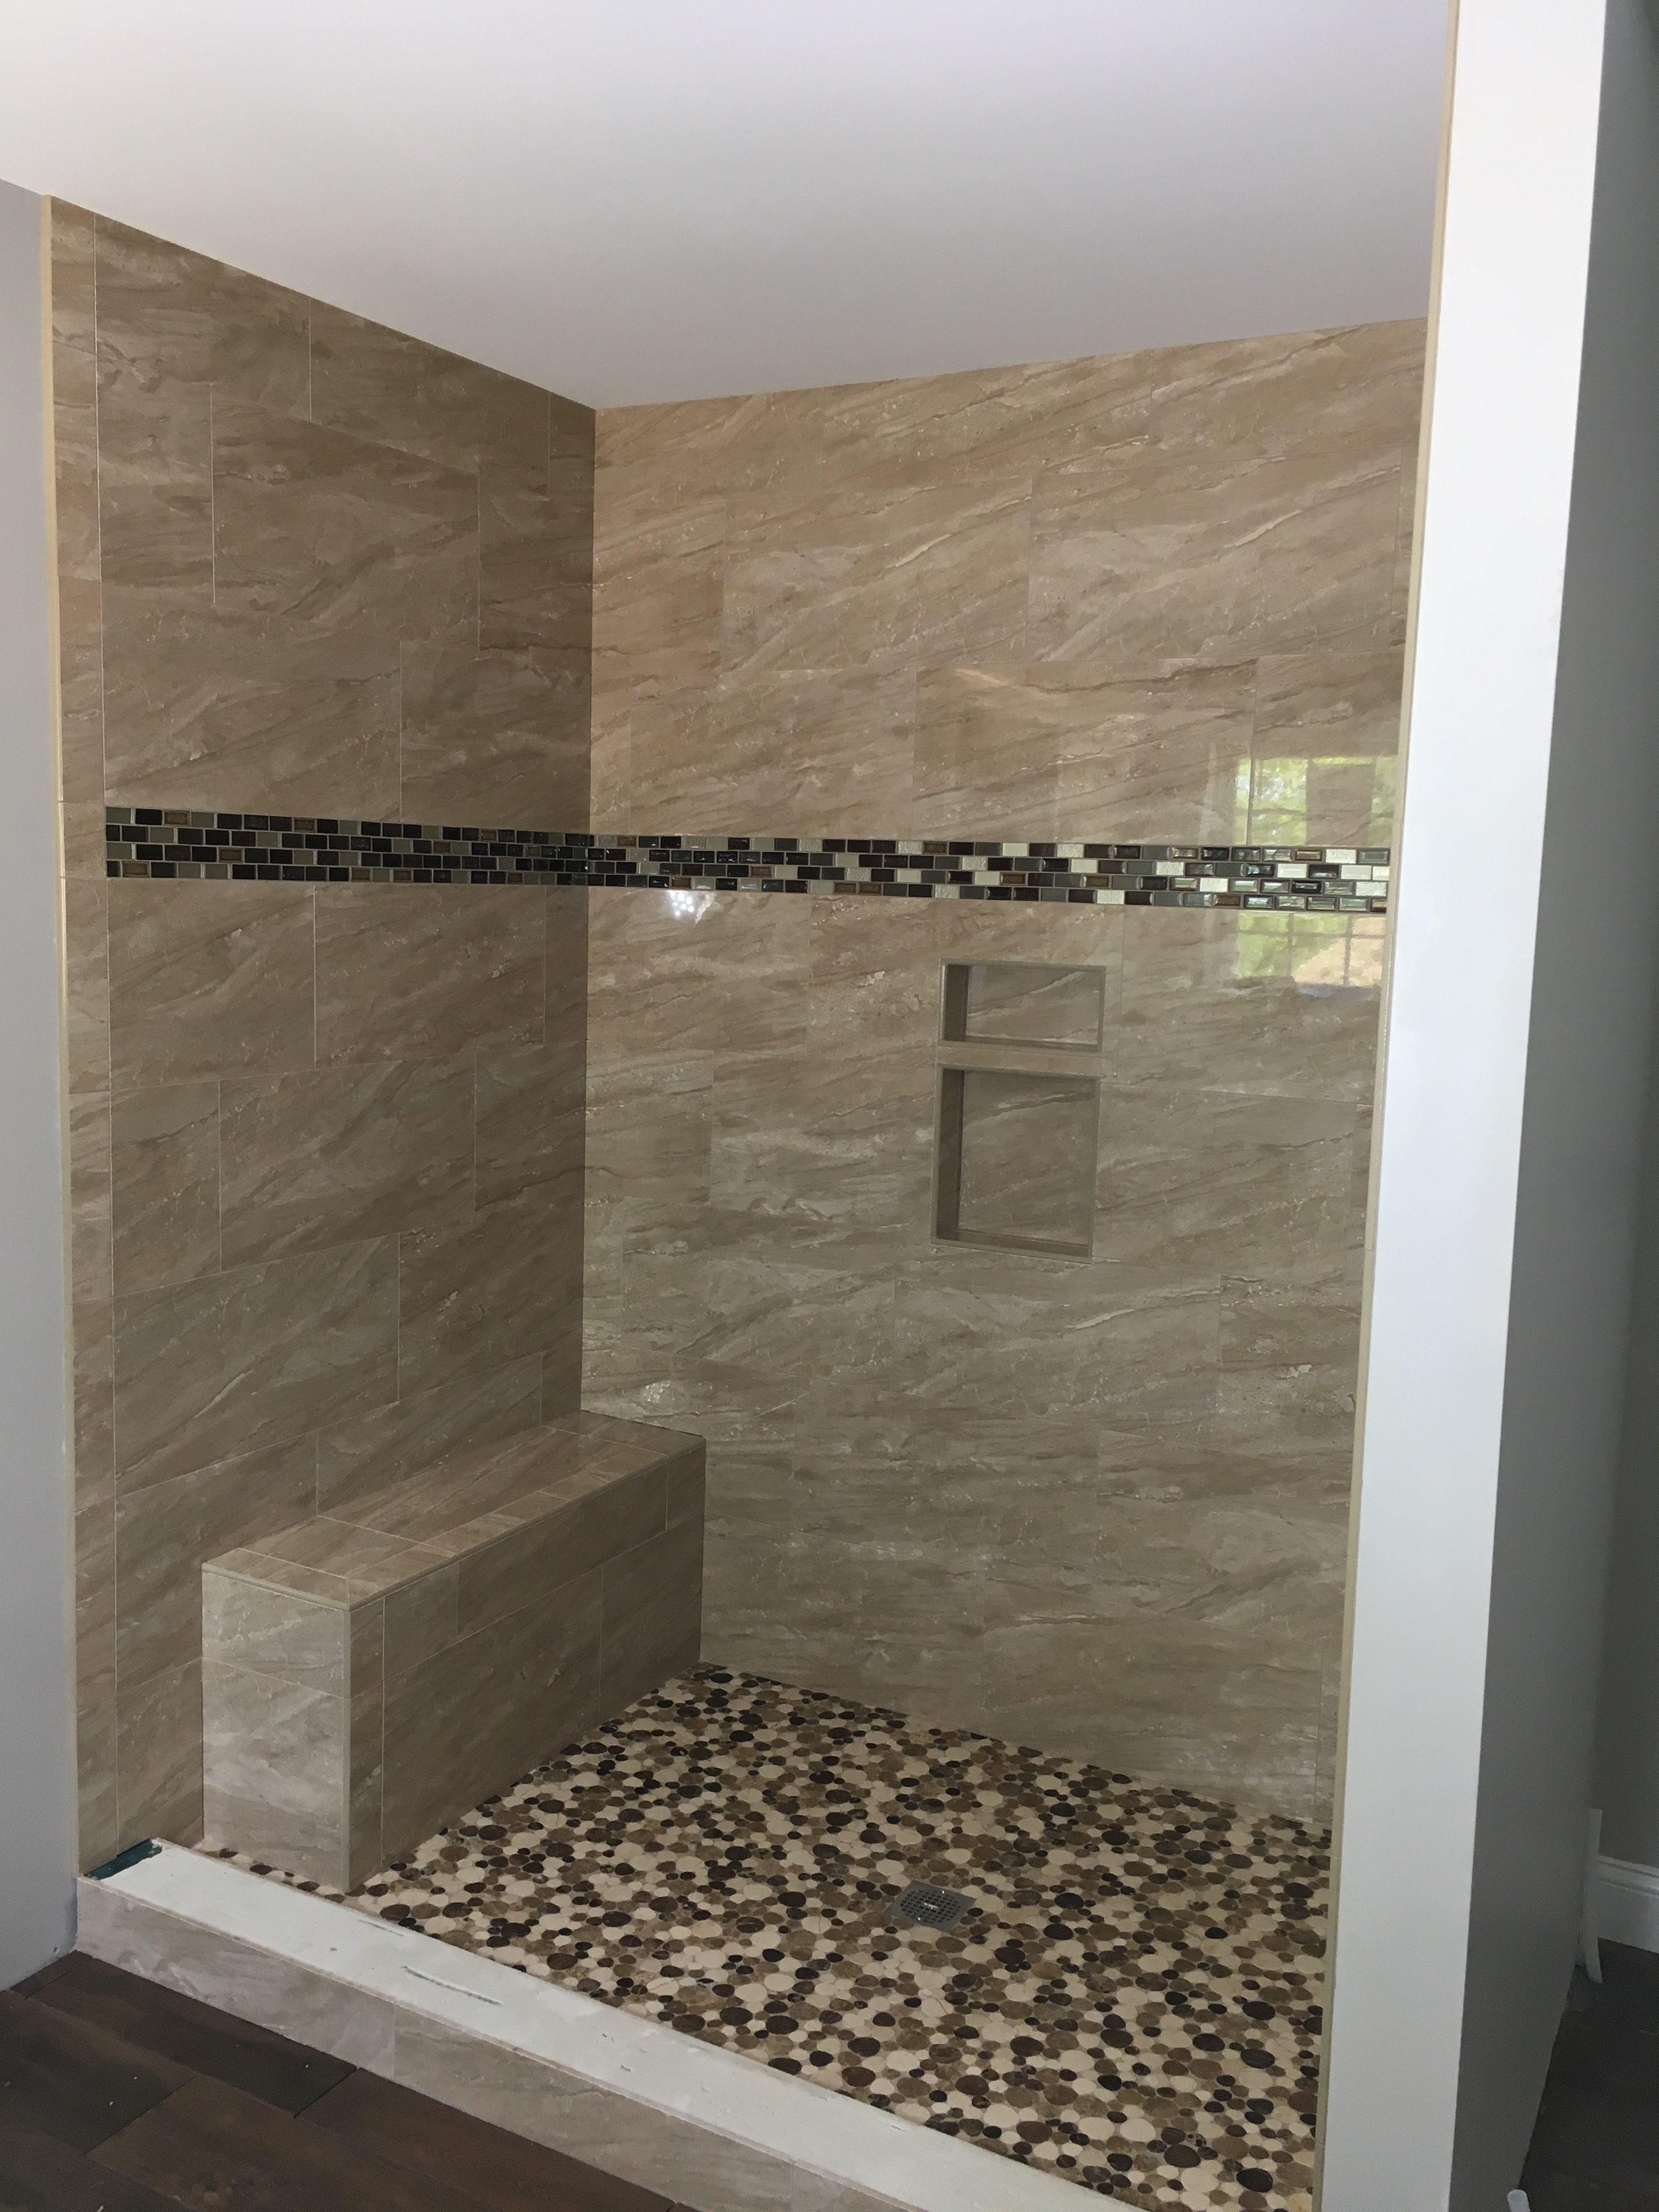 Polished River Rock custom shower